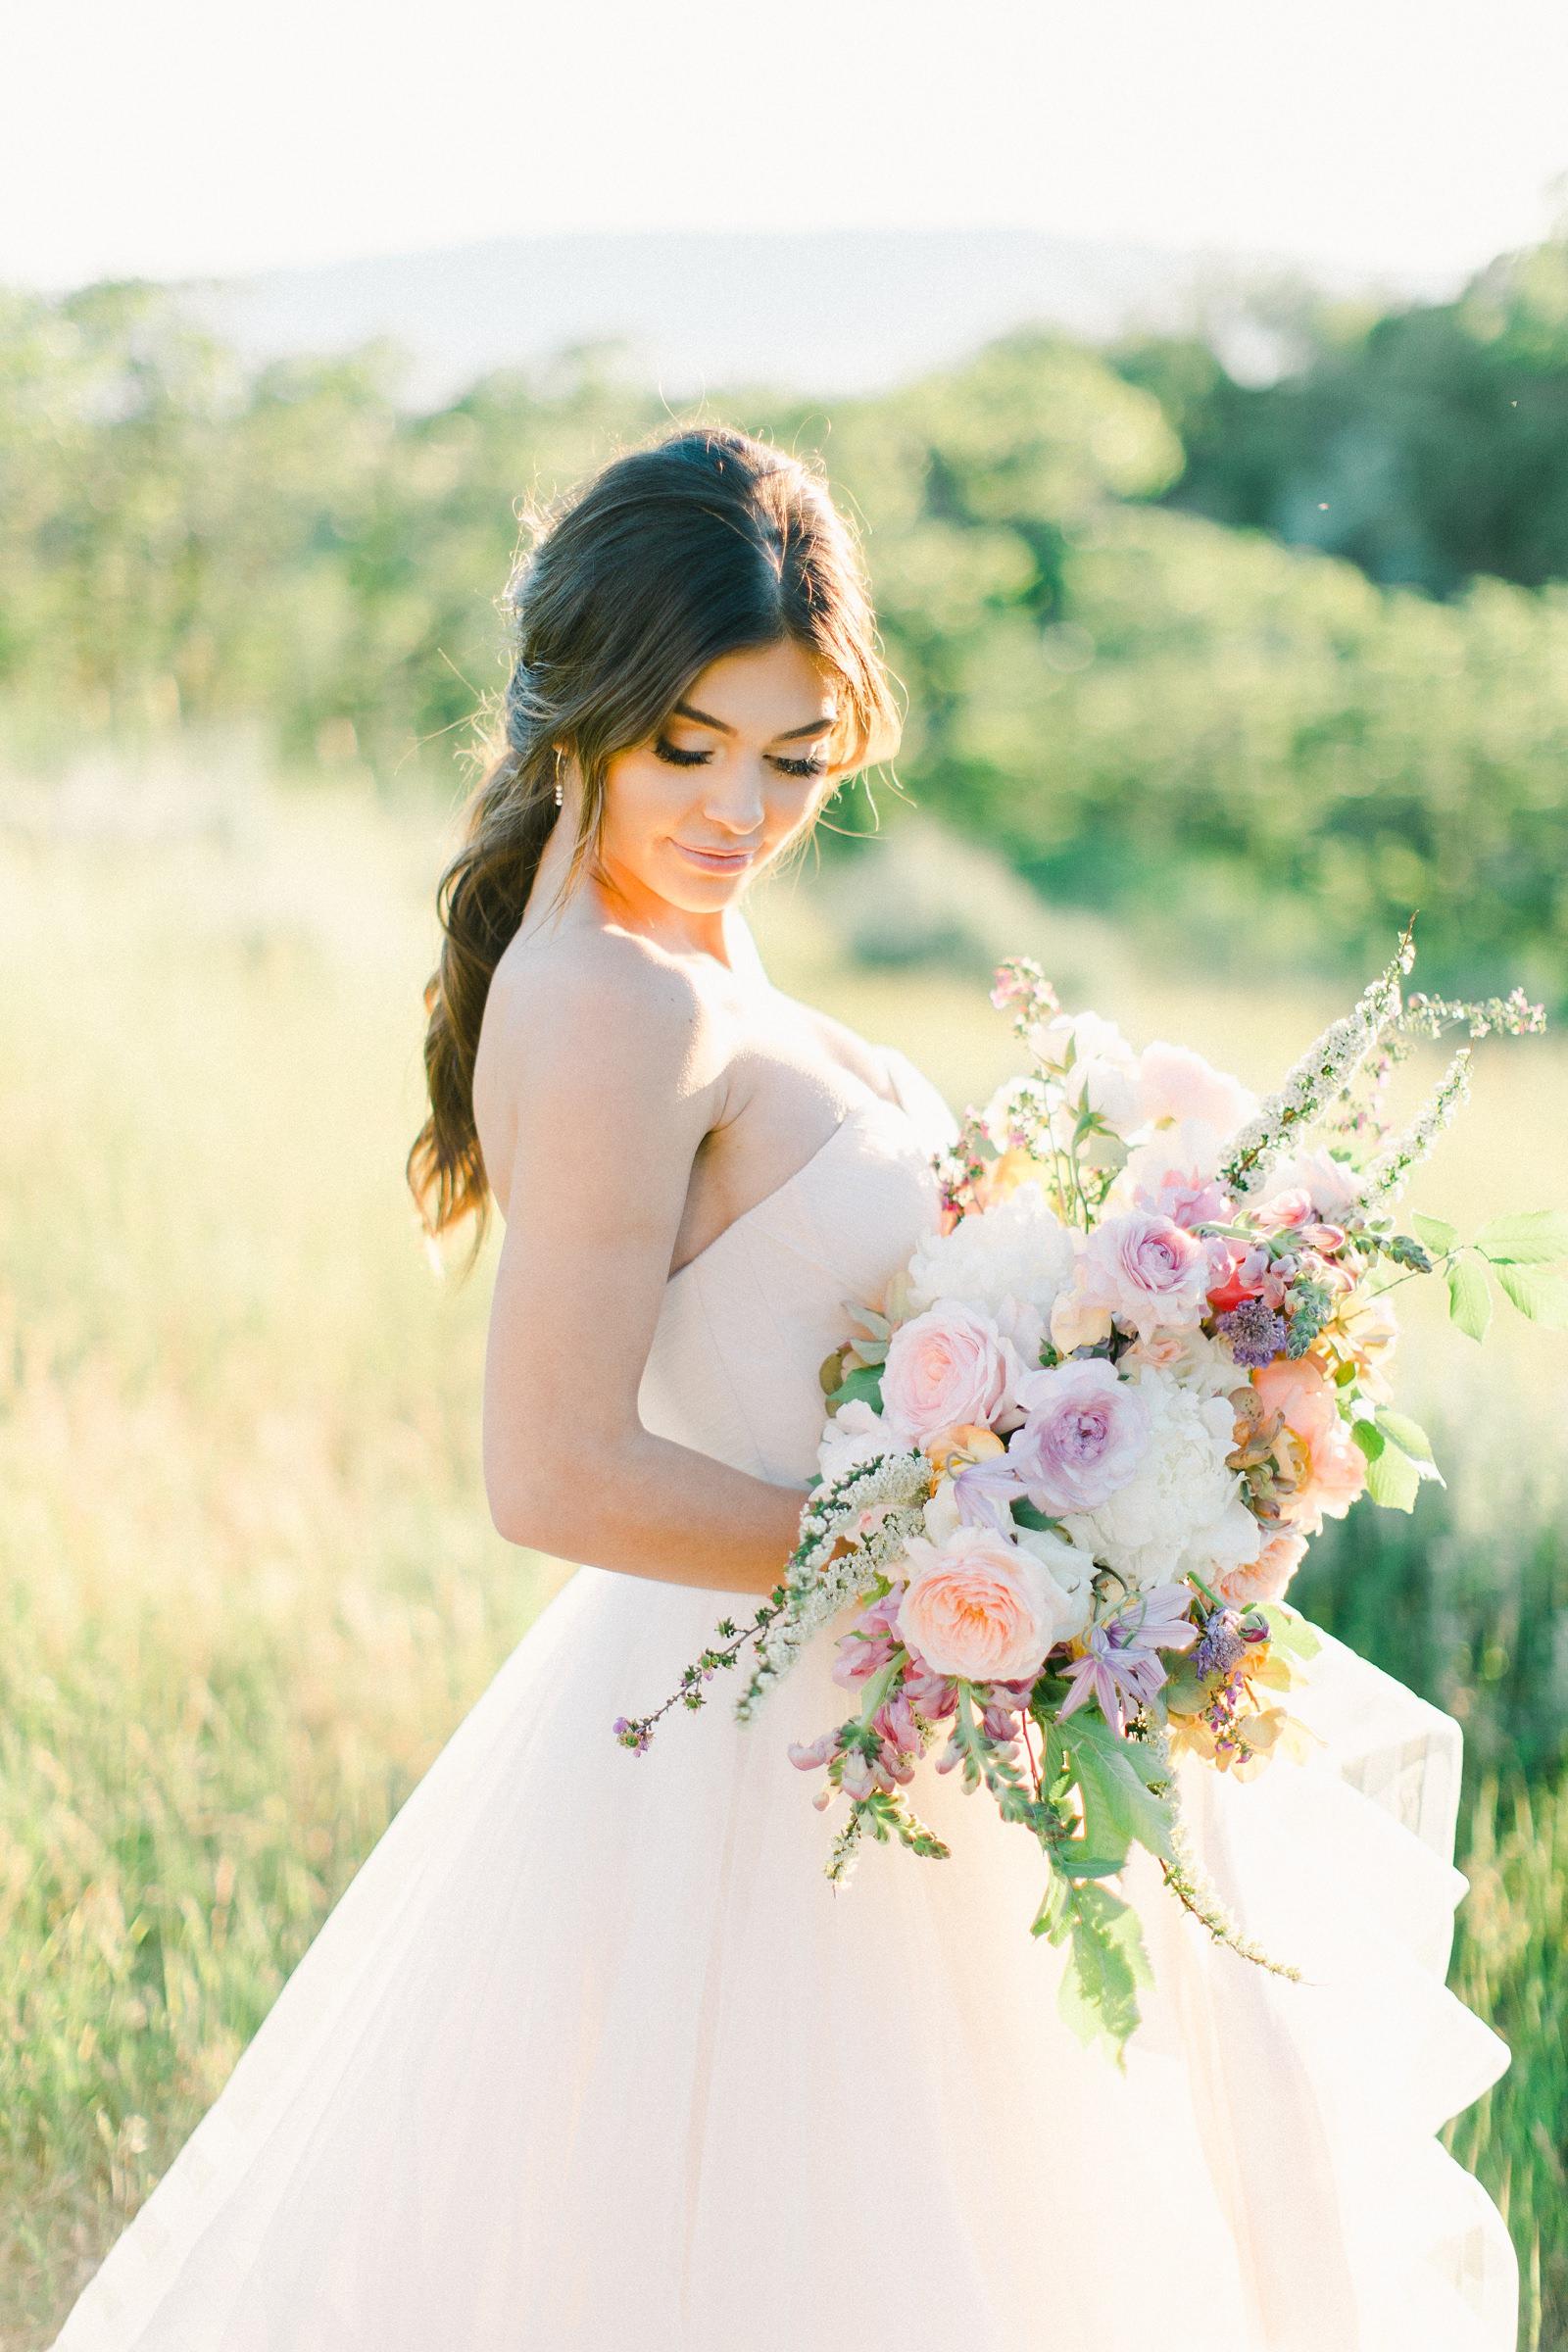 Outdoor Spring Secret Garden Wedding, Provo Utah Film Wedding Photography, pastel wildflower bouquet purple wedding flowers, bride wearing BHLDN wedding dress with sweetheart neckline